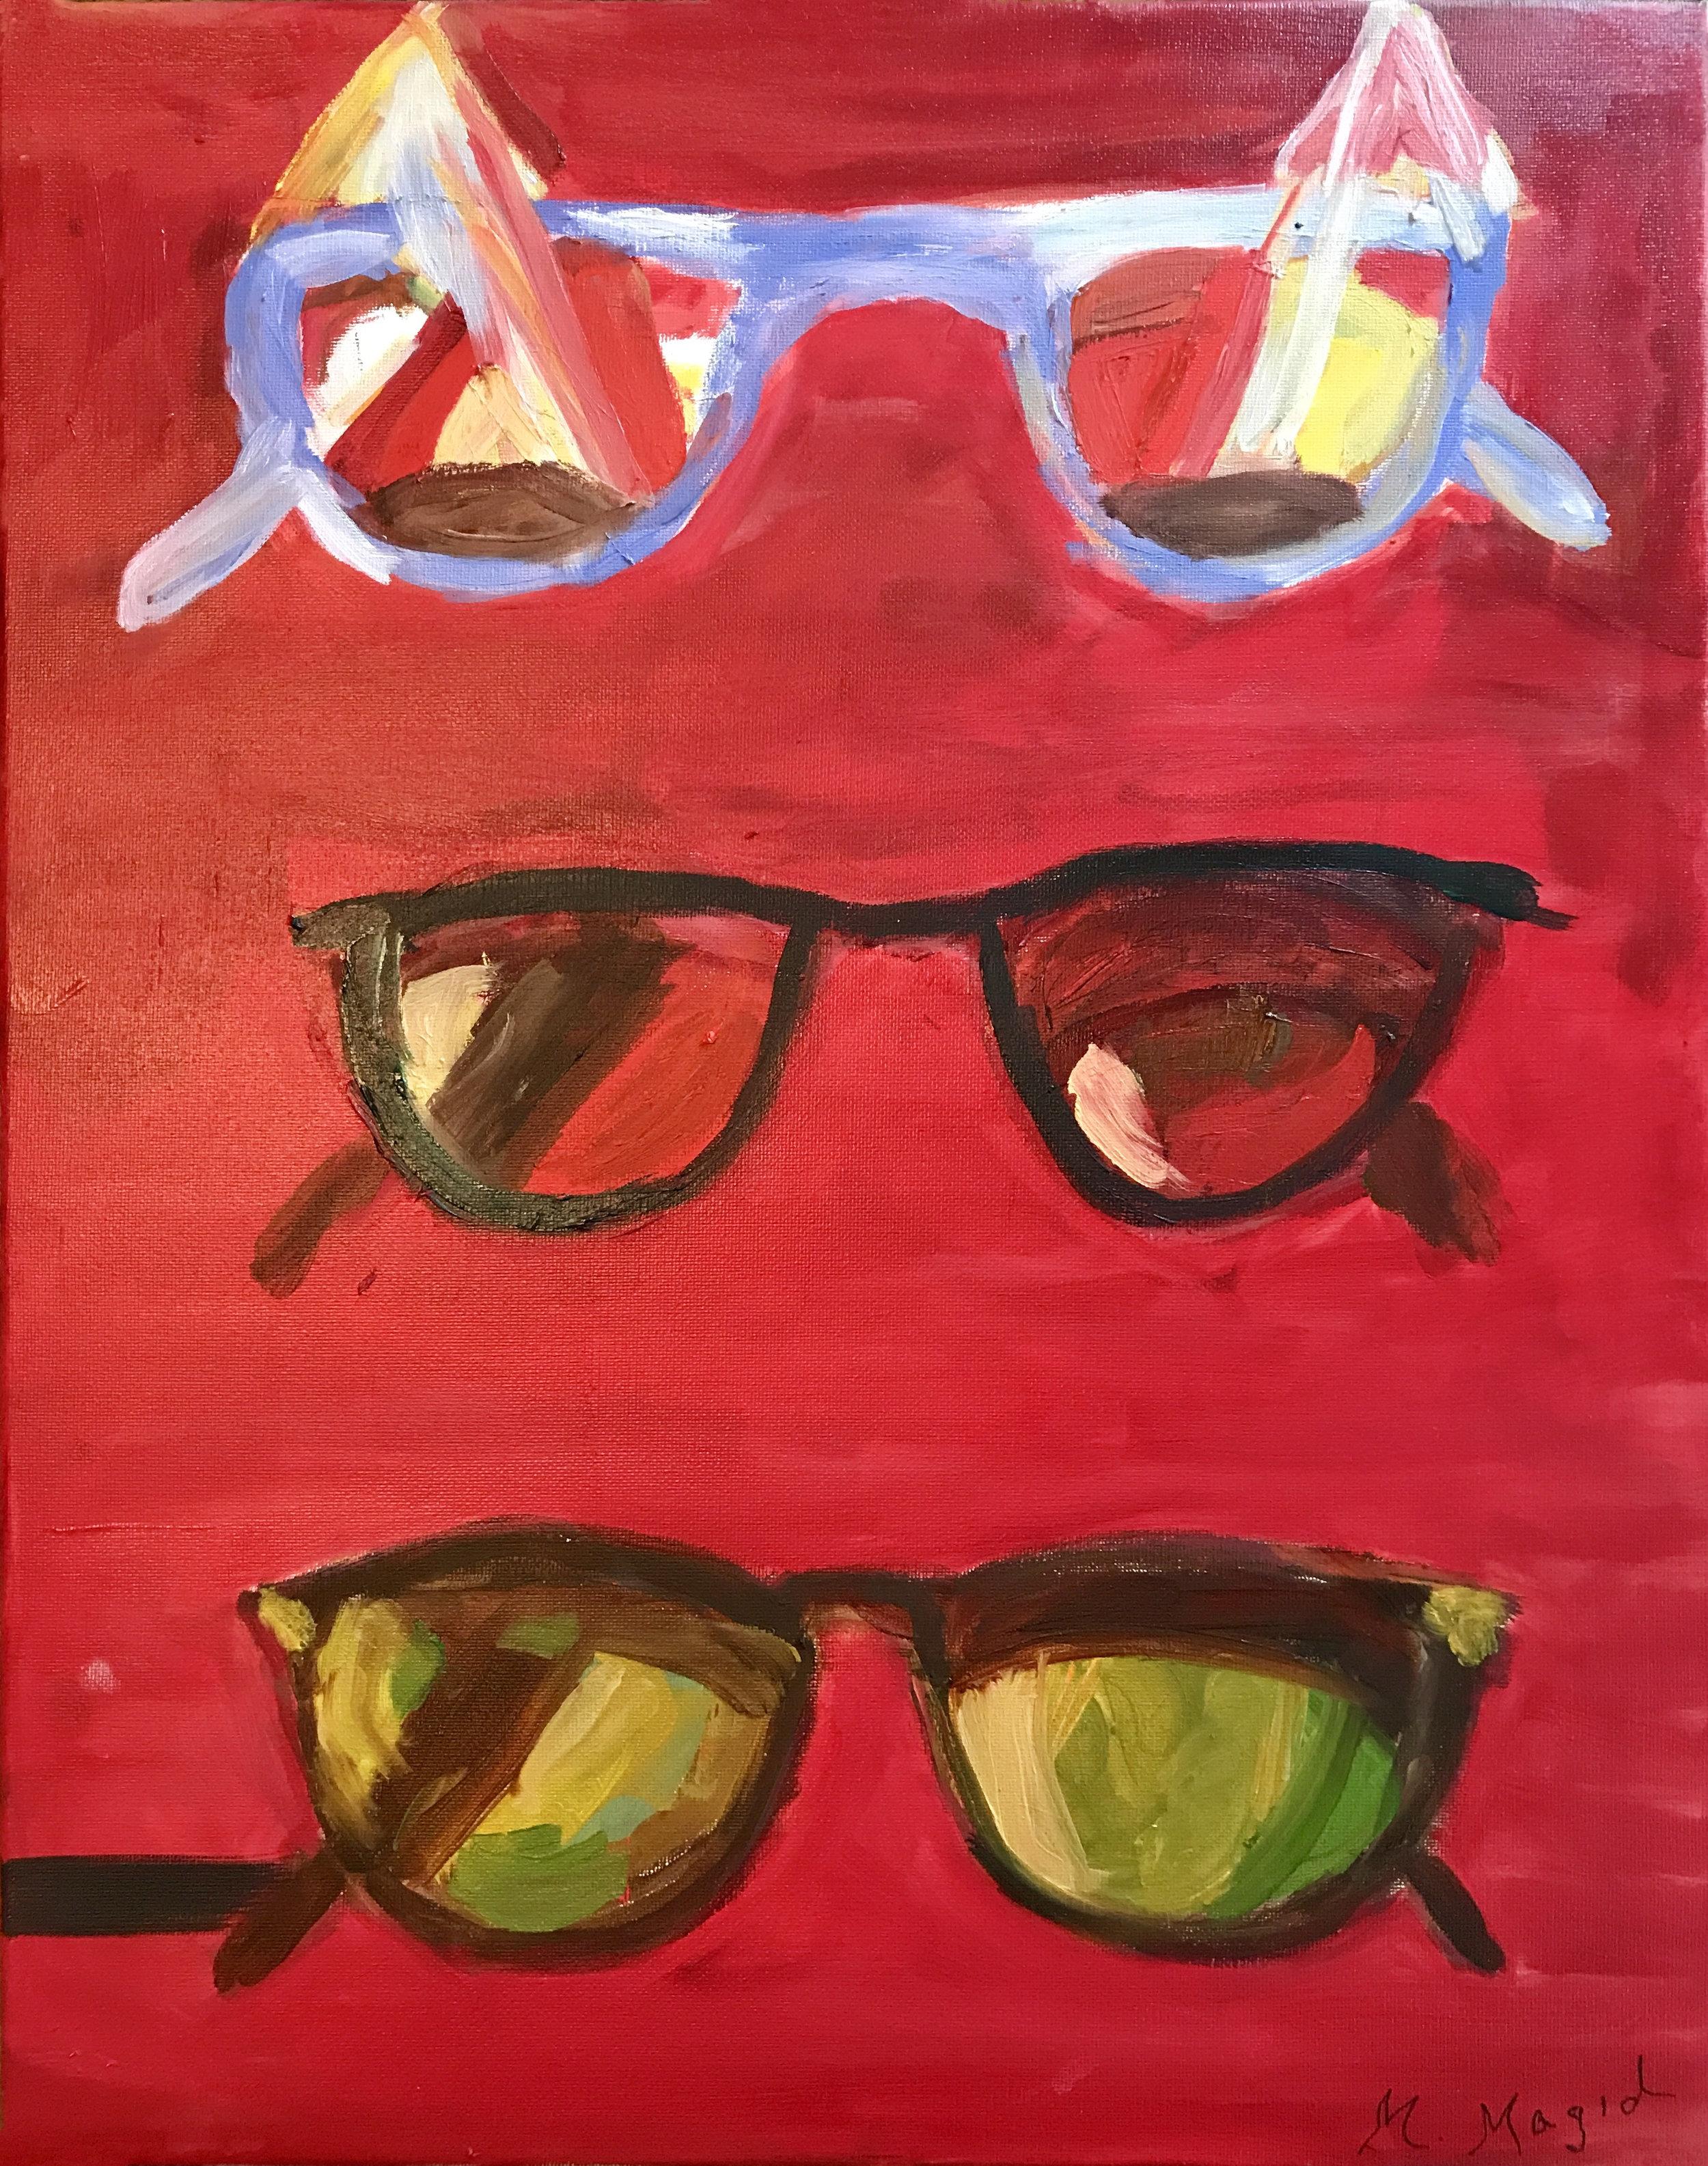 Sunglasses in Rome